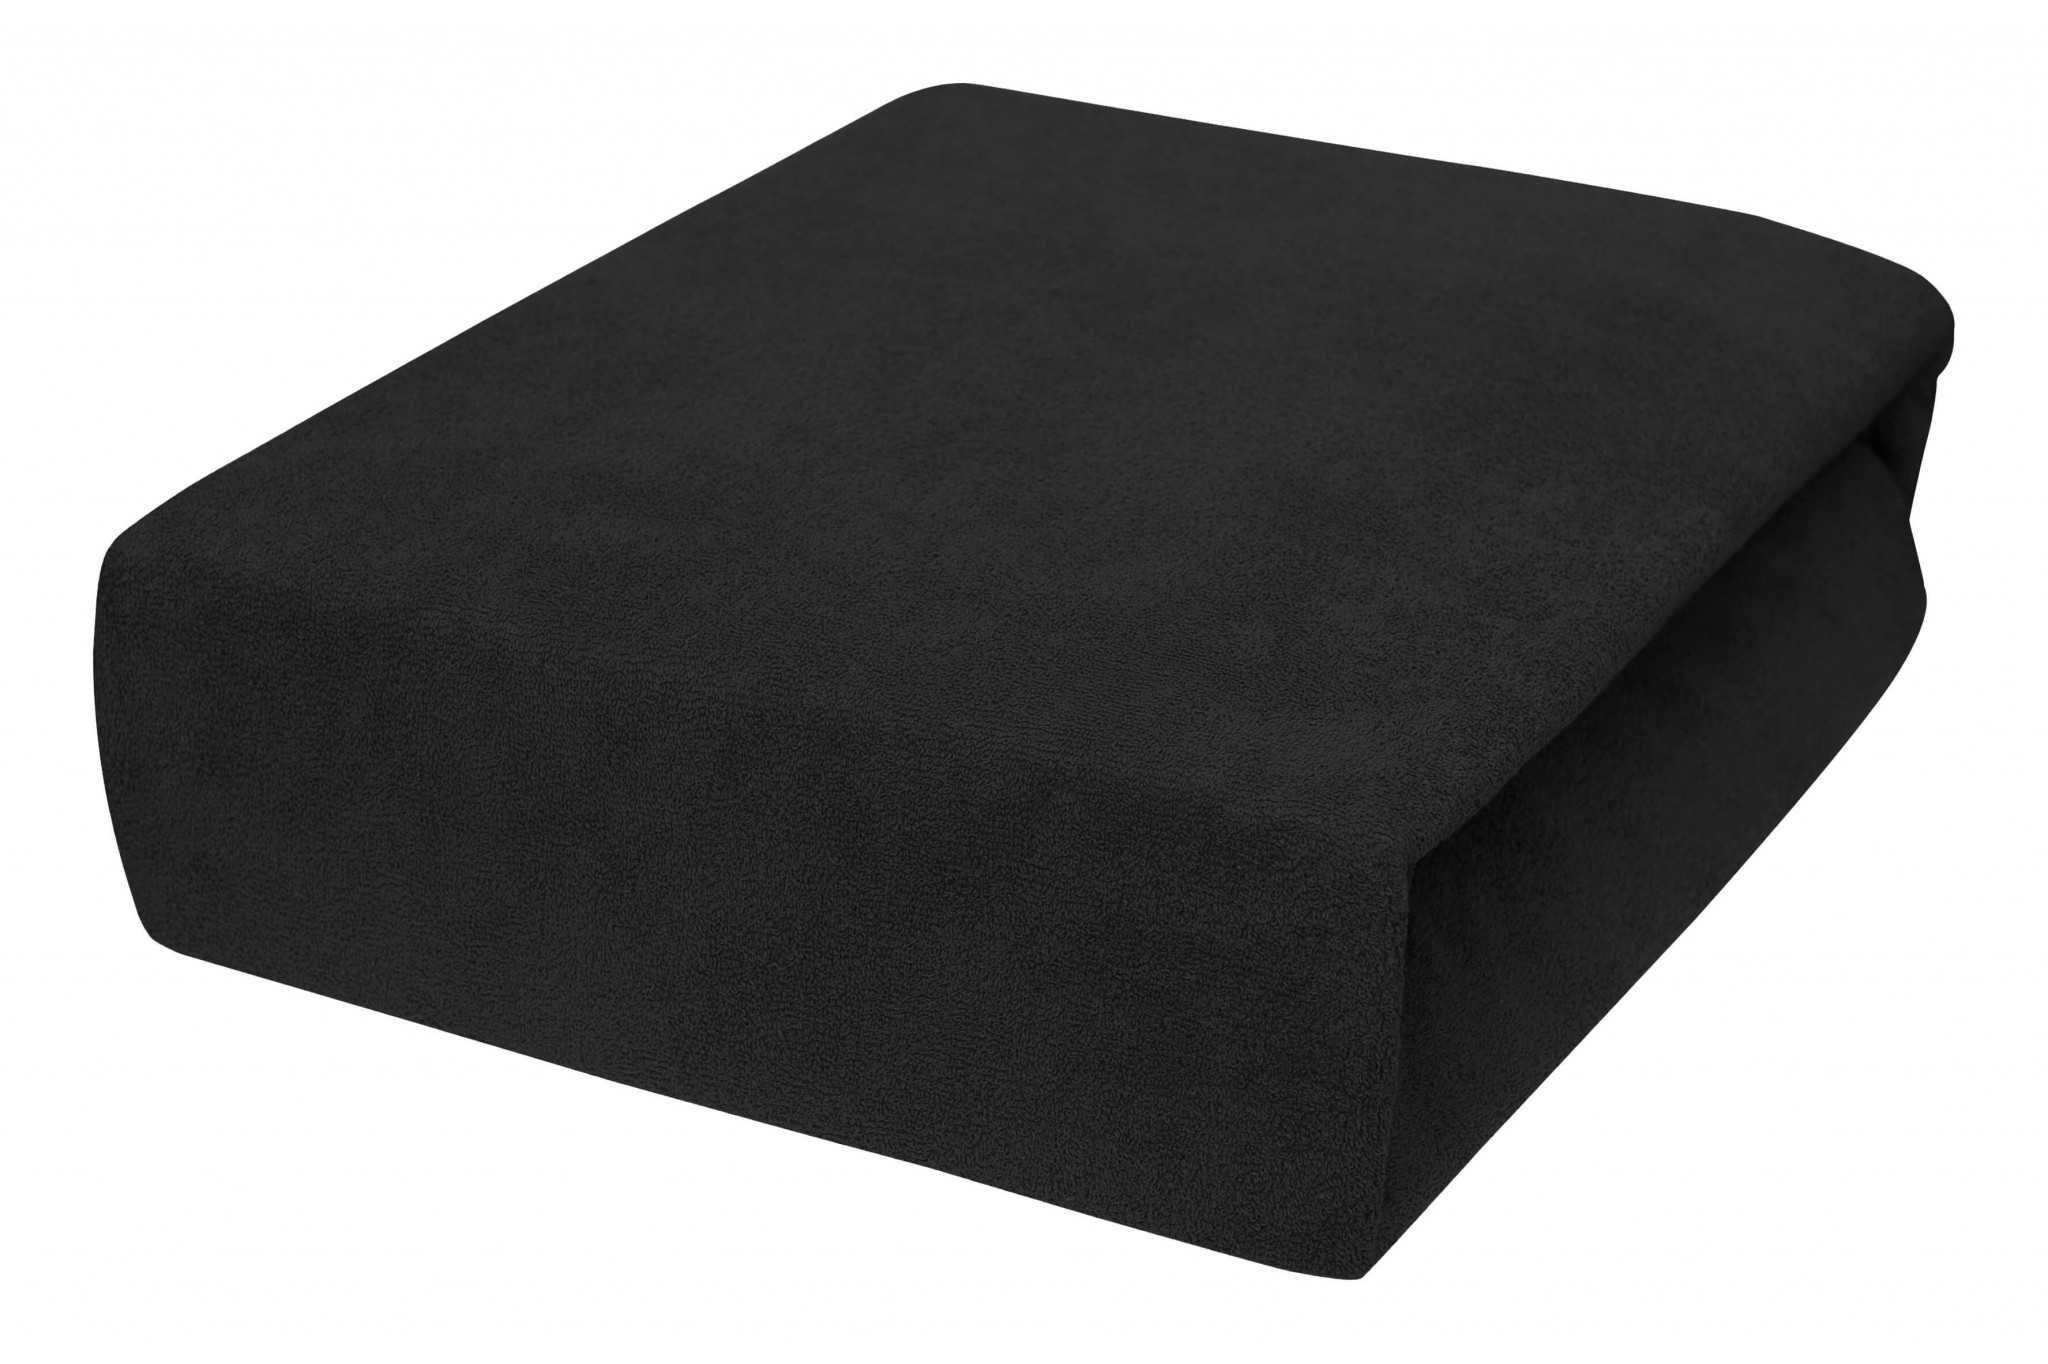 Schwarz Frottee Spannbettlaken Mit Gummizug Für Kinder 60x120cm